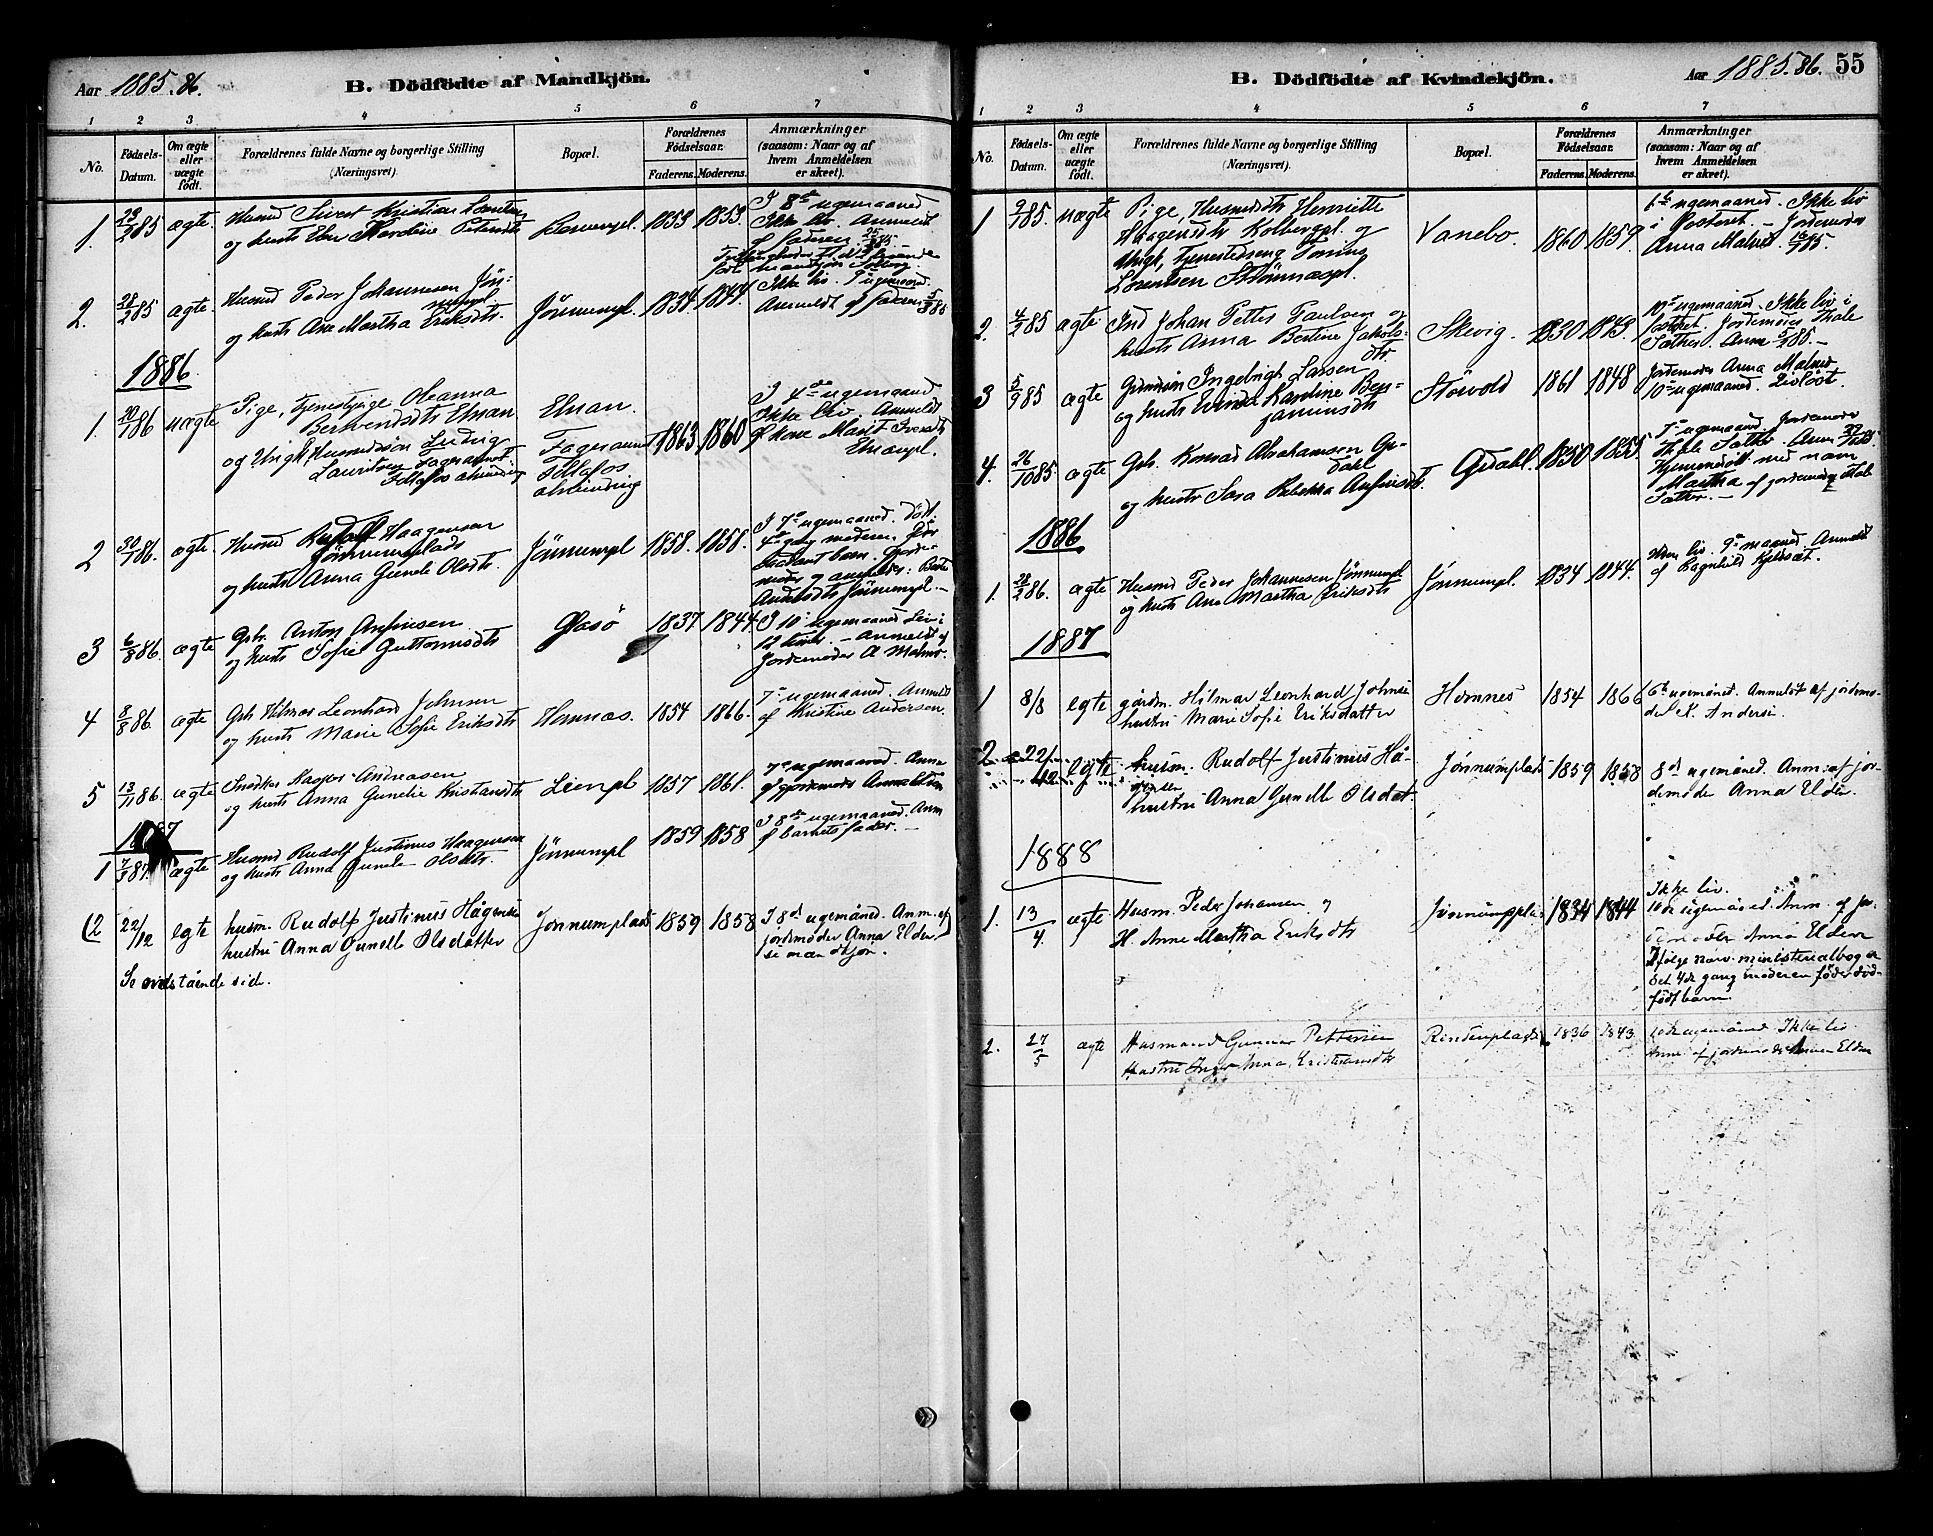 SAT, Ministerialprotokoller, klokkerbøker og fødselsregistre - Nord-Trøndelag, 741/L0395: Ministerialbok nr. 741A09, 1878-1888, s. 55